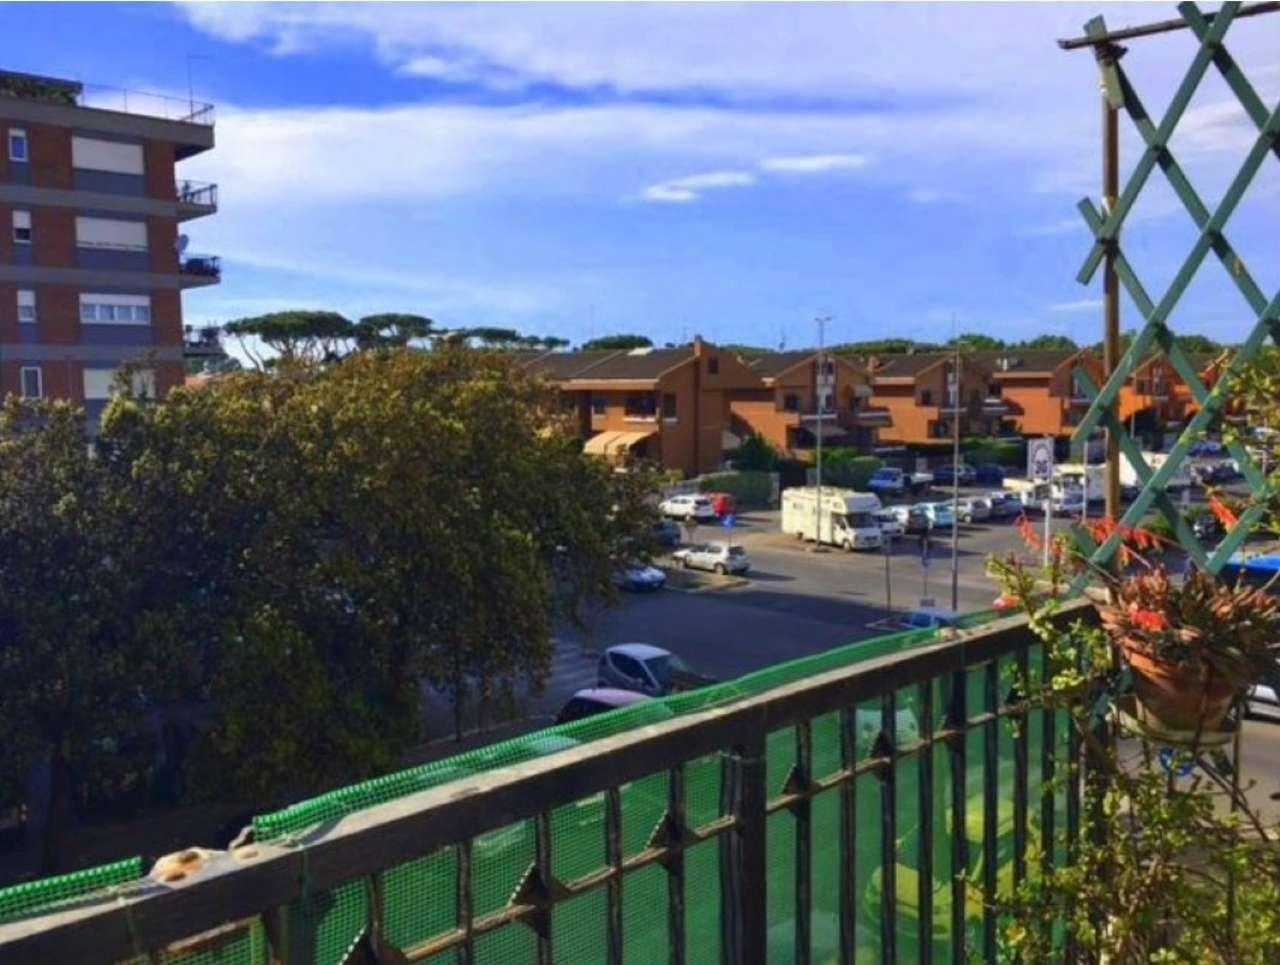 Appartamento in vendita 4 vani 120 mq.  viale giuseppe genoese zerbi Roma